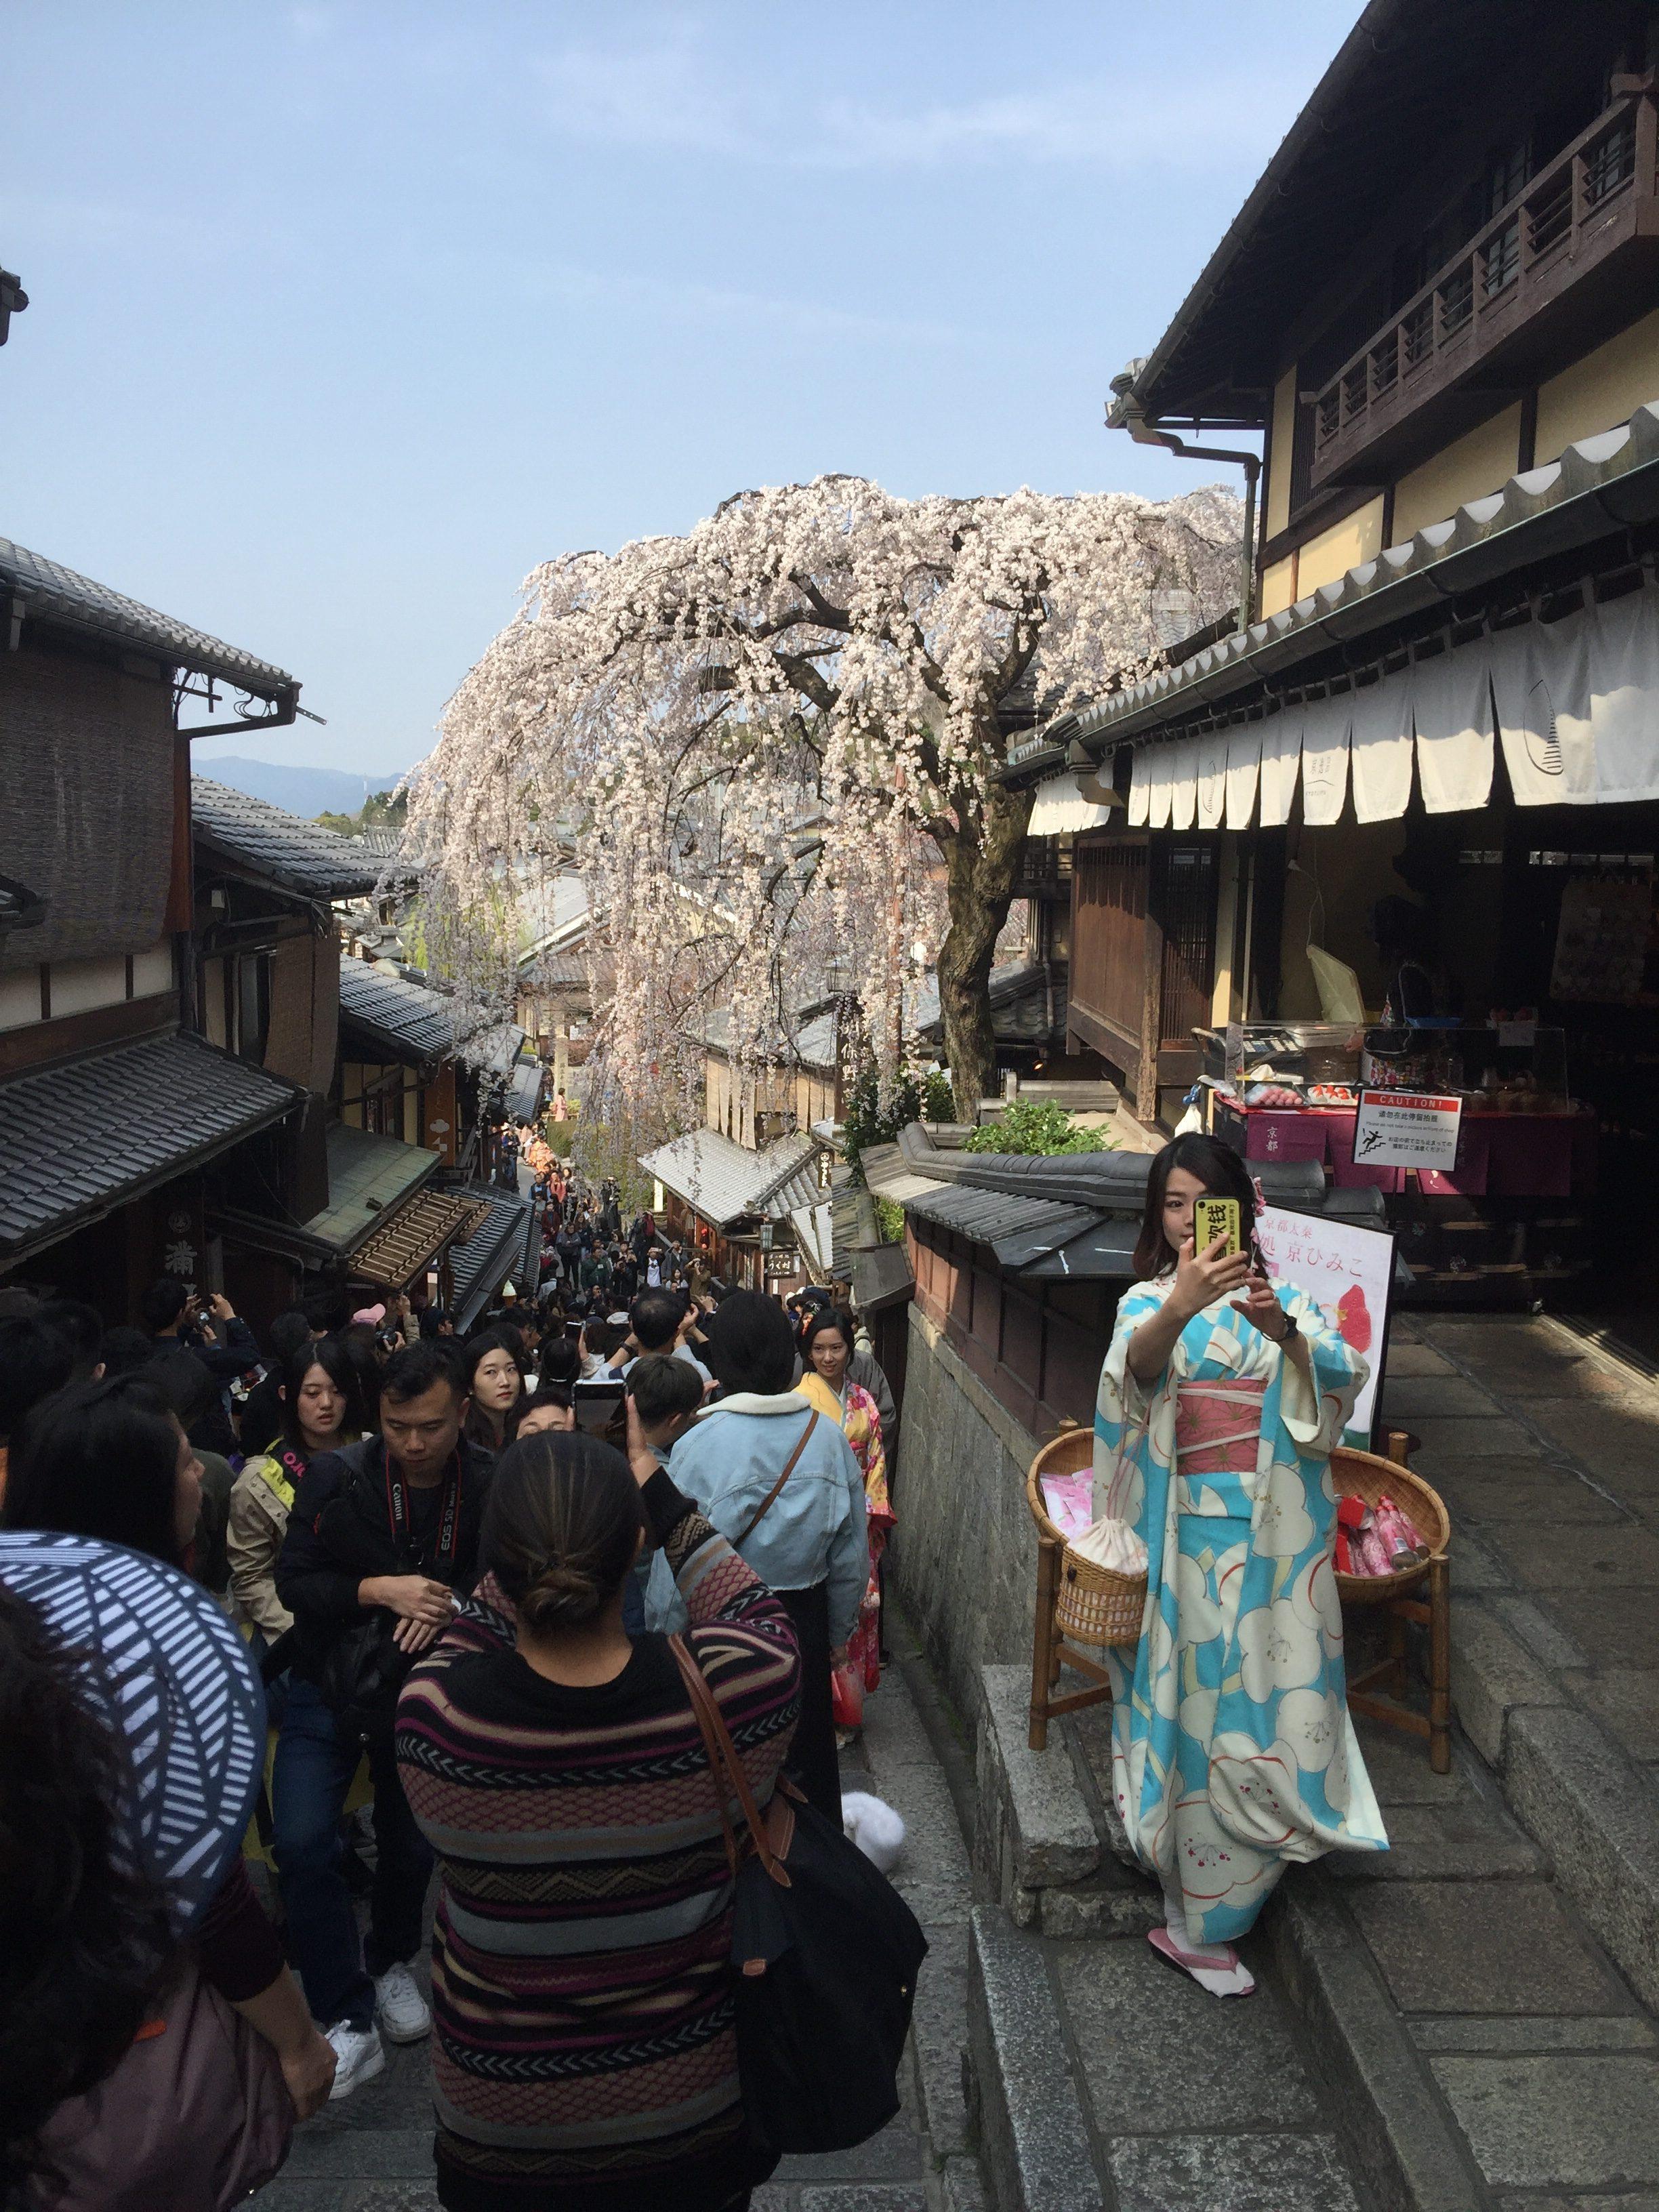 清水寺は世界遺産だけに外国人がレンタル着物で散策し日本融合